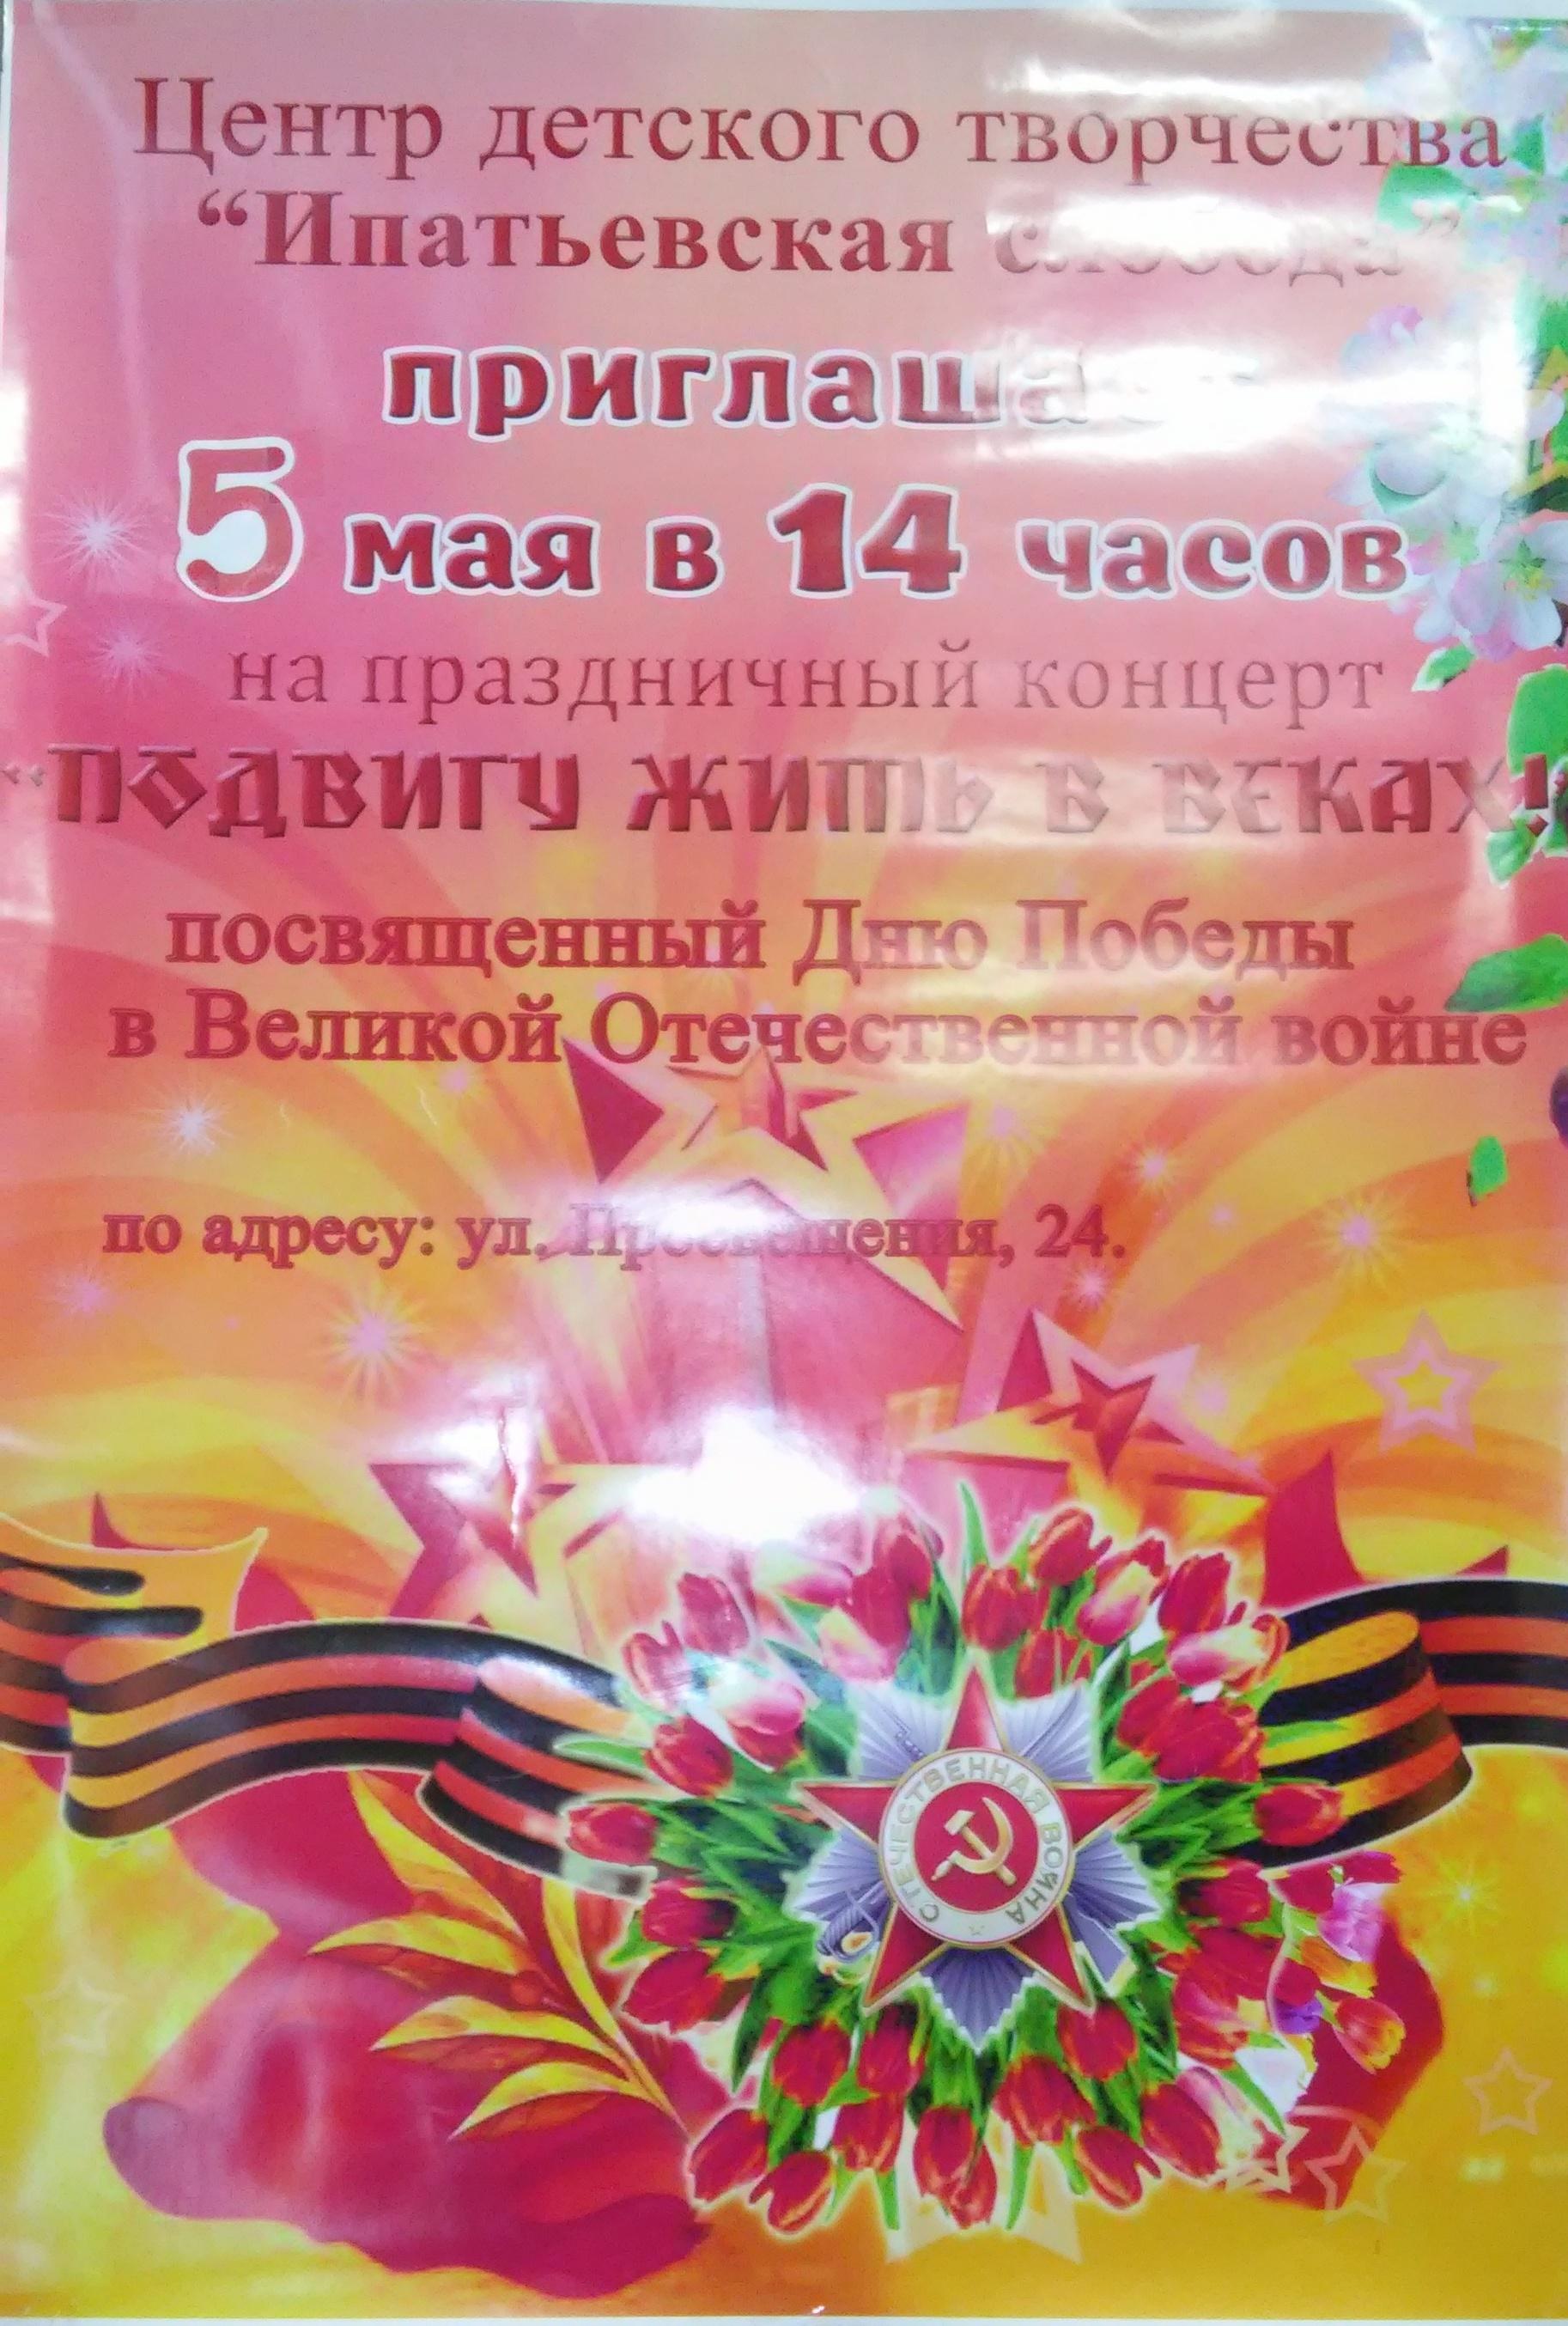 Плакаты о великой отечественной войне выступление